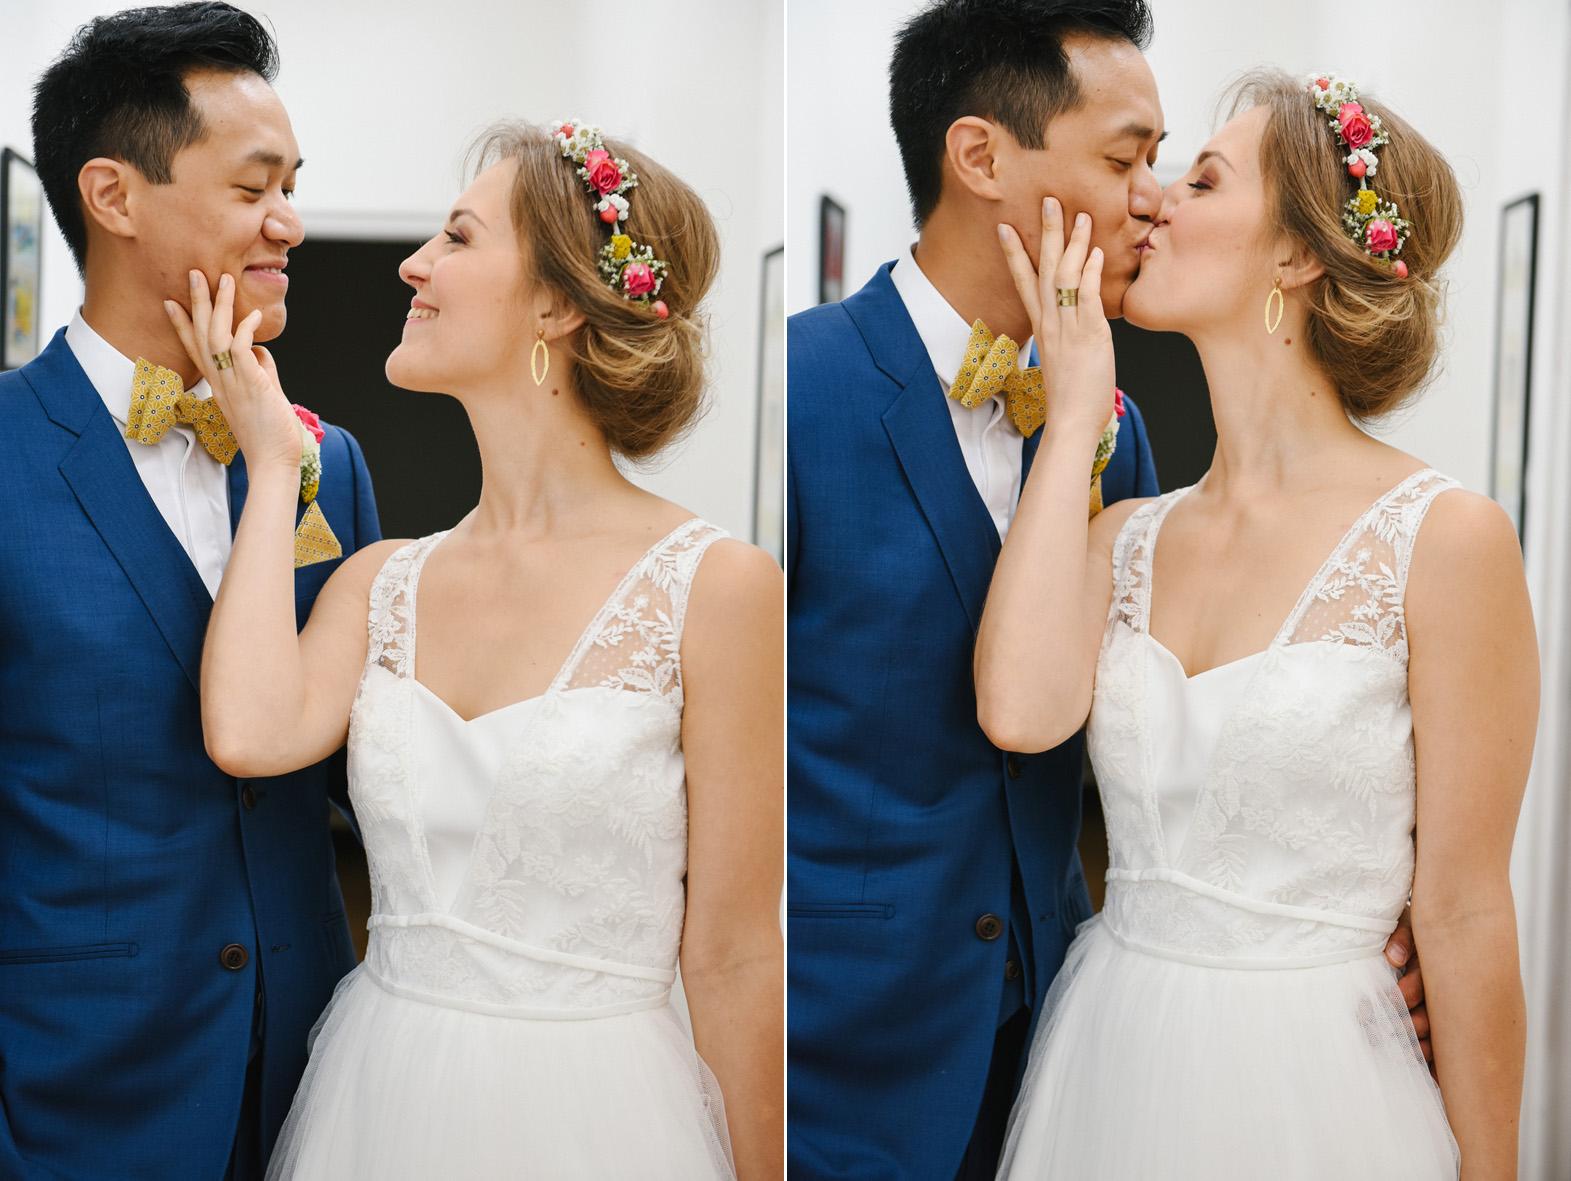 mariage_LW_domaine de la Pepiniere_seine-et-marne_77_photographie_clemence_dubois MEP9